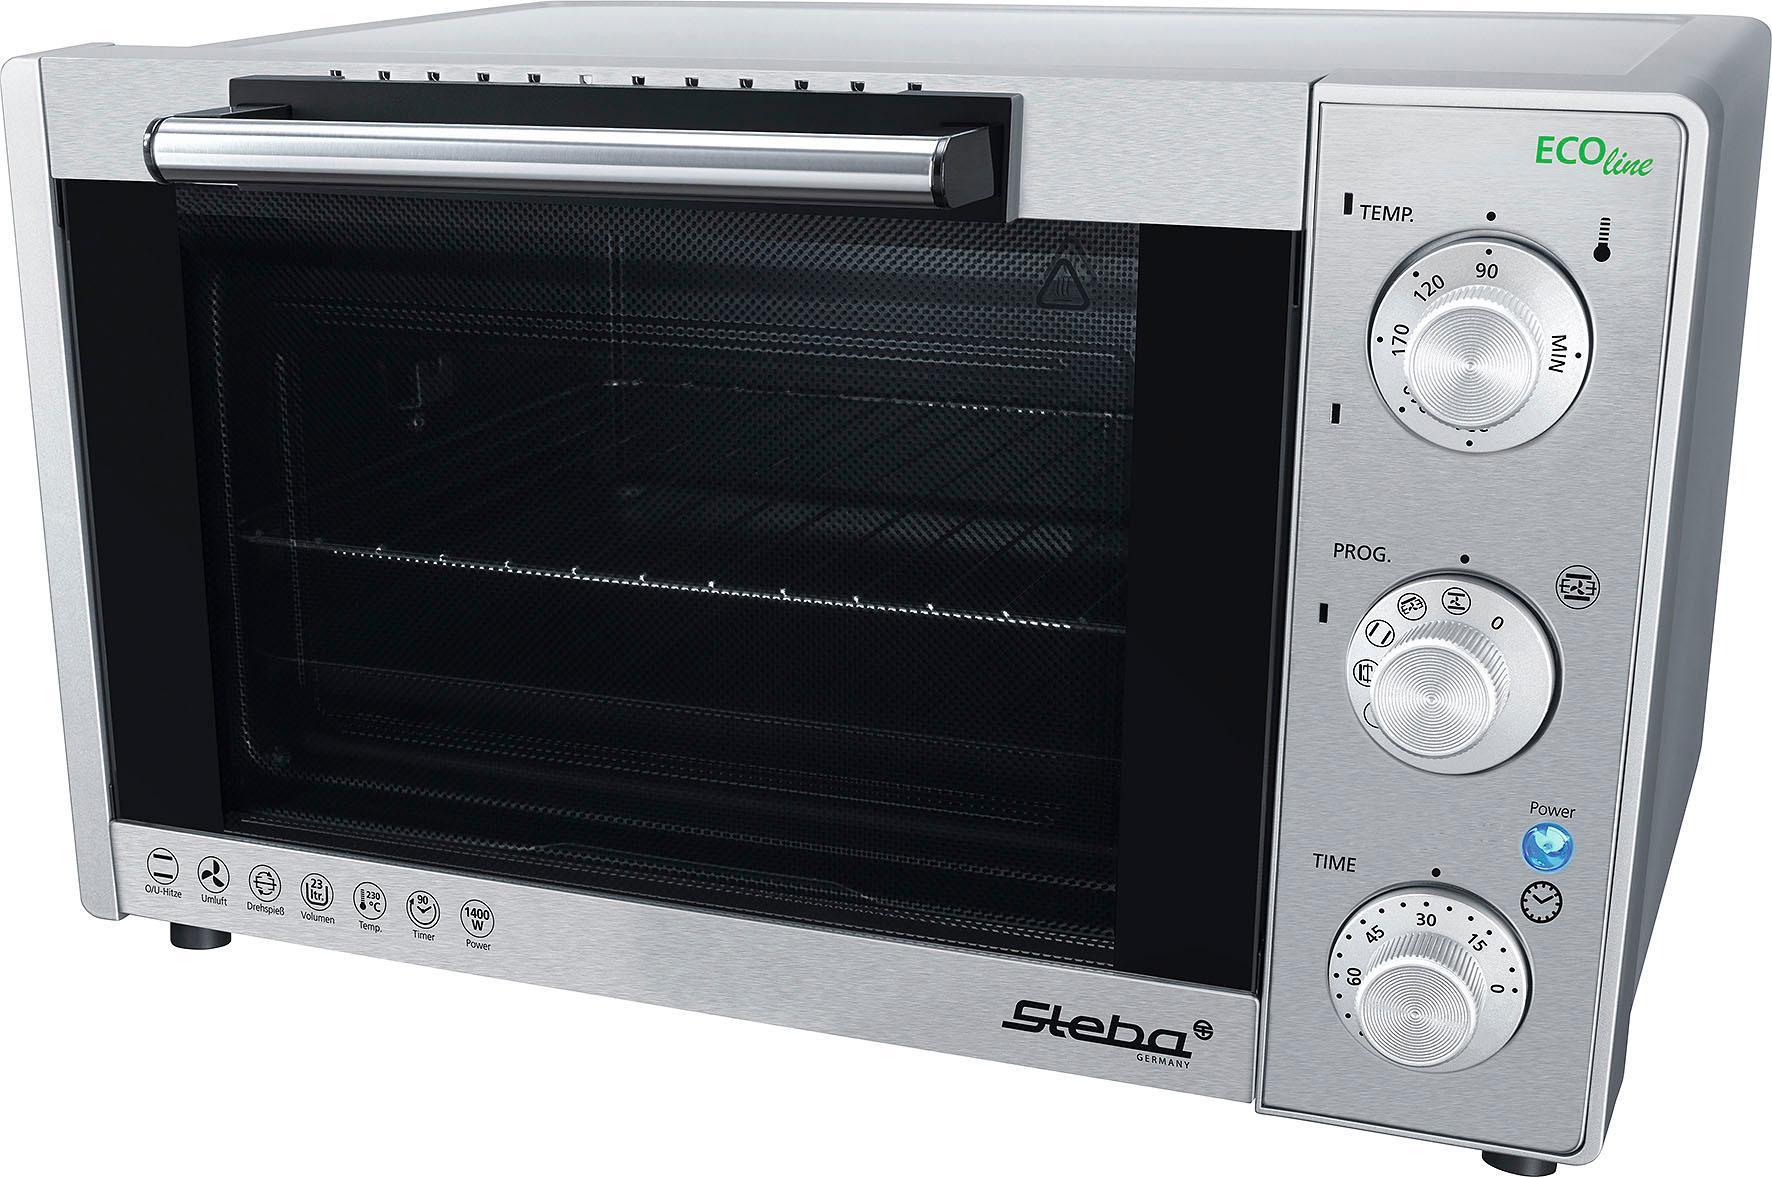 Steba Minibackofen KB 23 ECO 1400 W | Küche und Esszimmer > Küchenelektrogeräte > Küche Grill | Steba